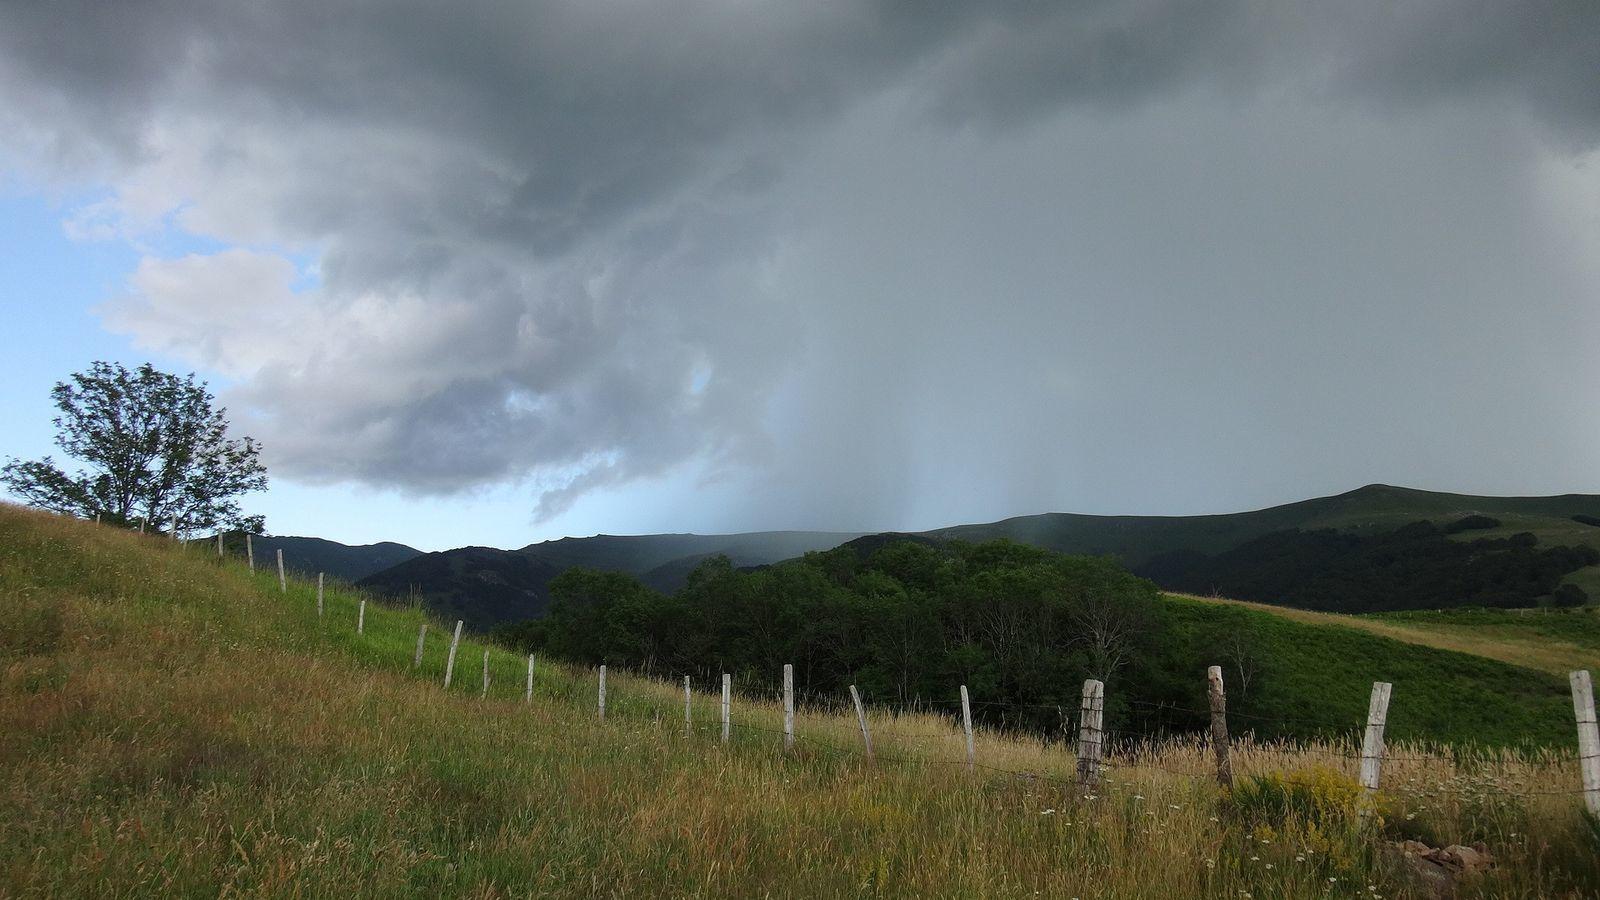 Pour couronner le tout voila l'orage, impossible de continuer sur le vélo à travers les paturages, ce sera une marche sans fin, ras le bol.